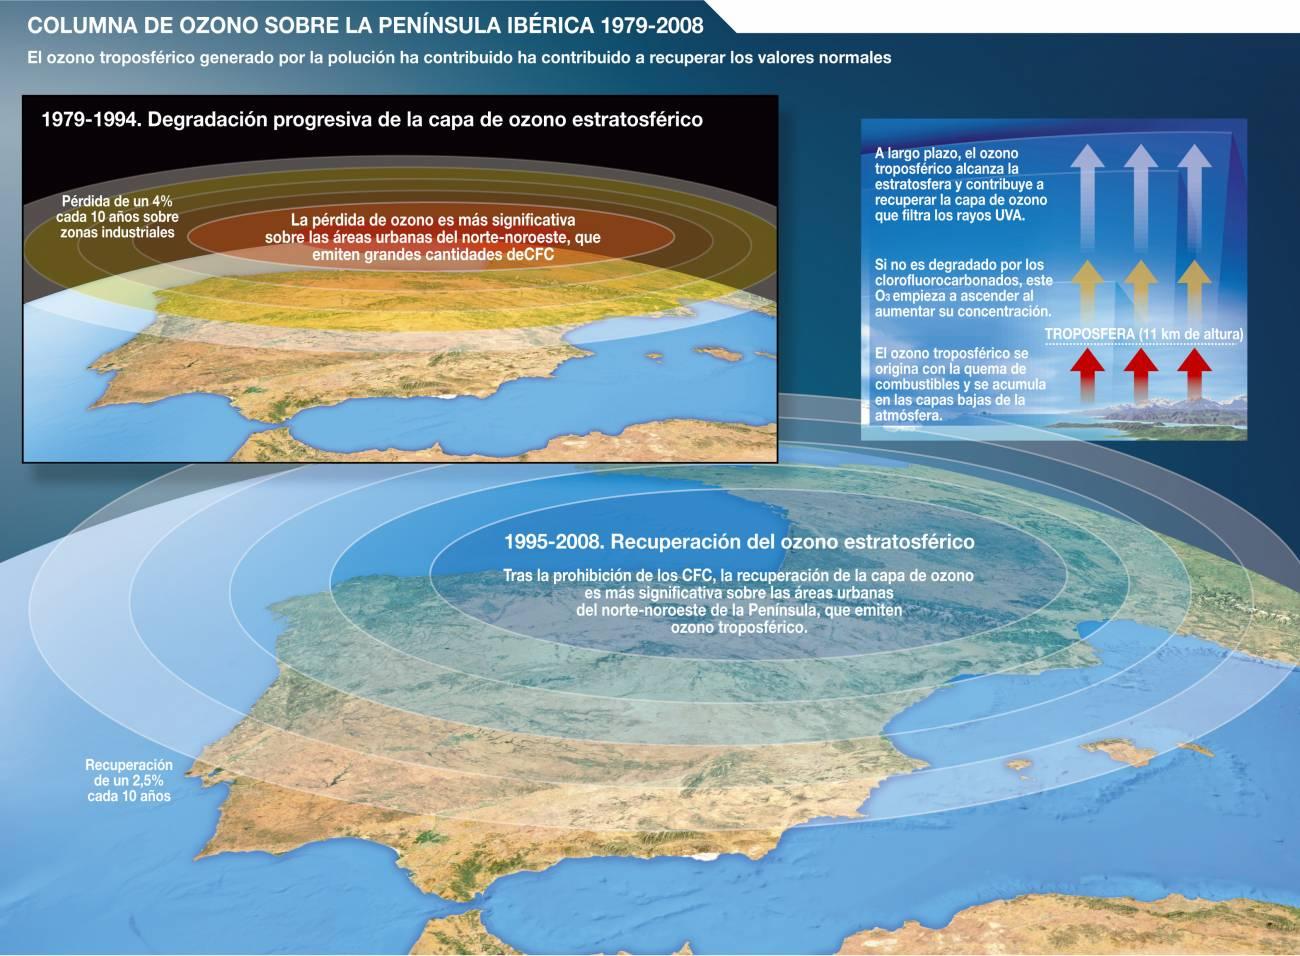 La polución por ozono ambiental contribuyó a recuperar los valores normales de ozono sobre la península Ibérica